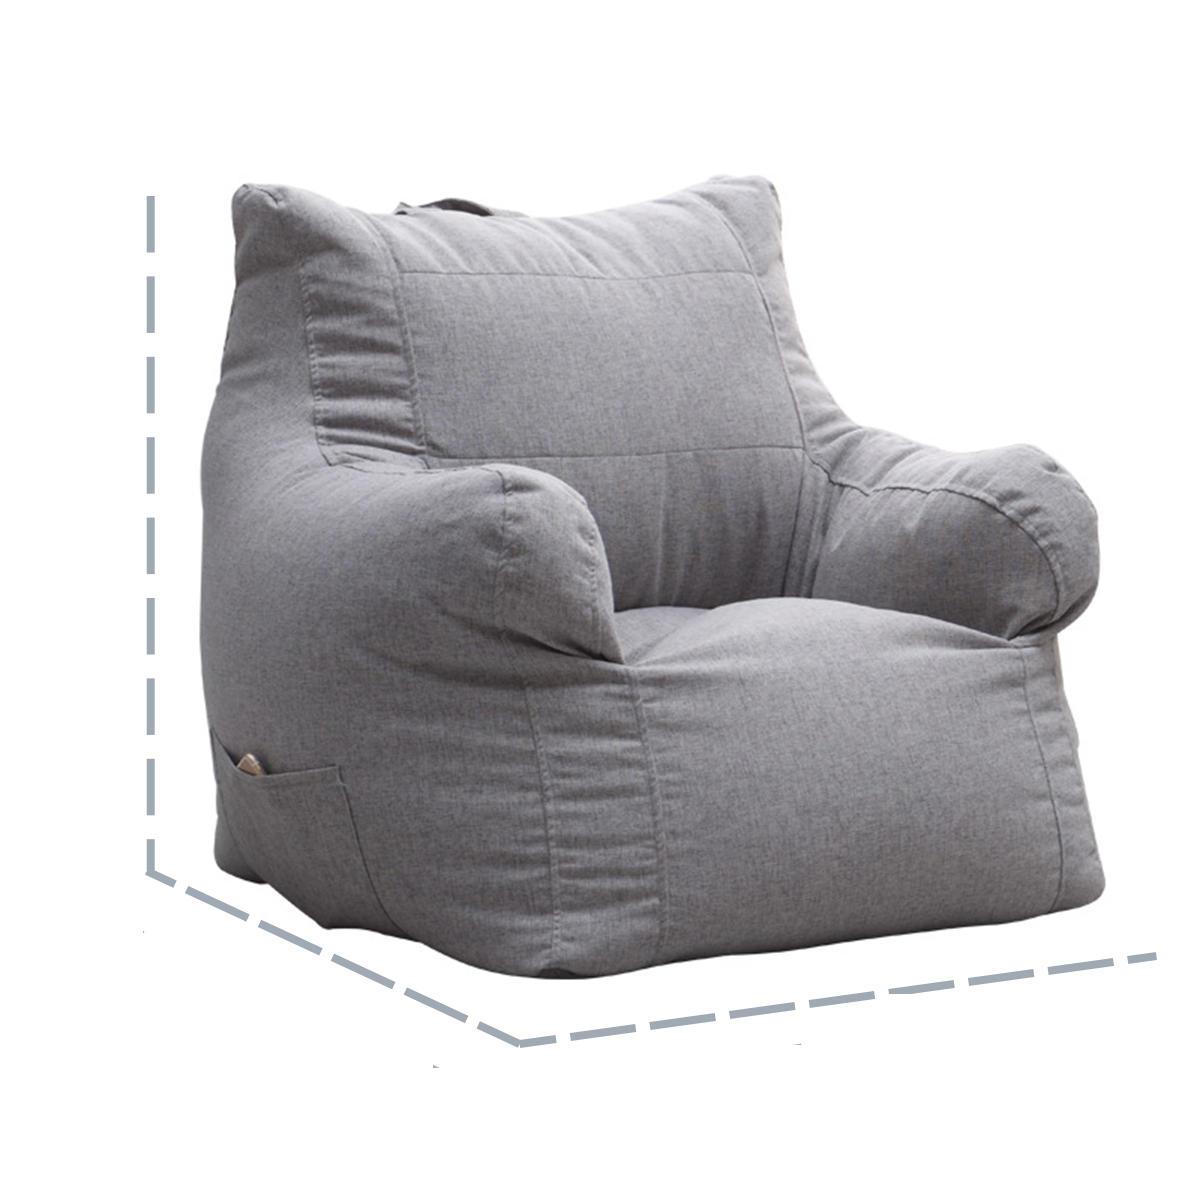 Armchair Bean Bag Chair Cover